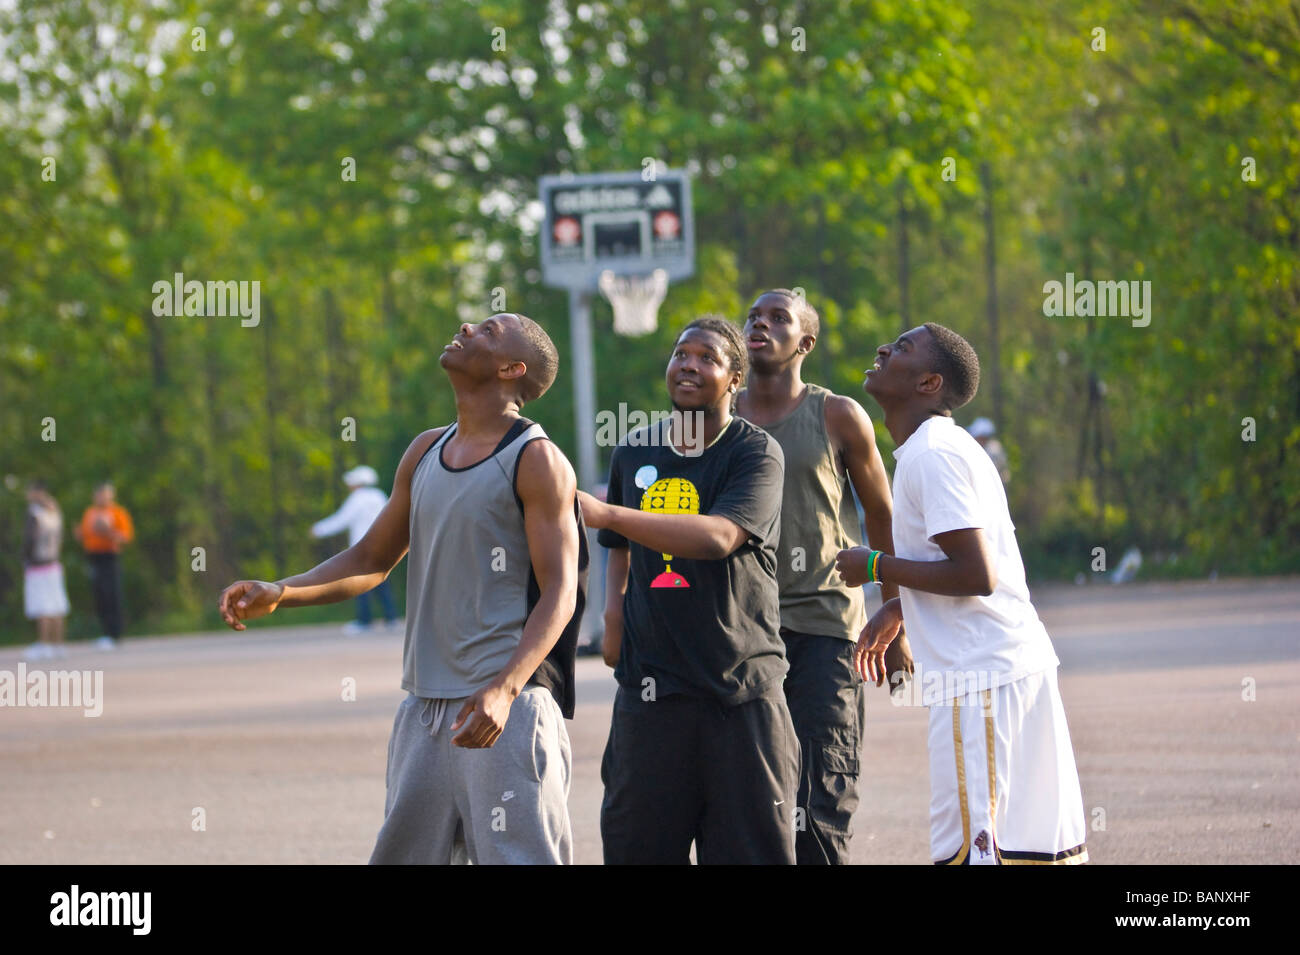 Dimanche après-midi. Les joueurs de basket-ball watch occasionnels avec joie et impatience, comme leur basket Photo Stock